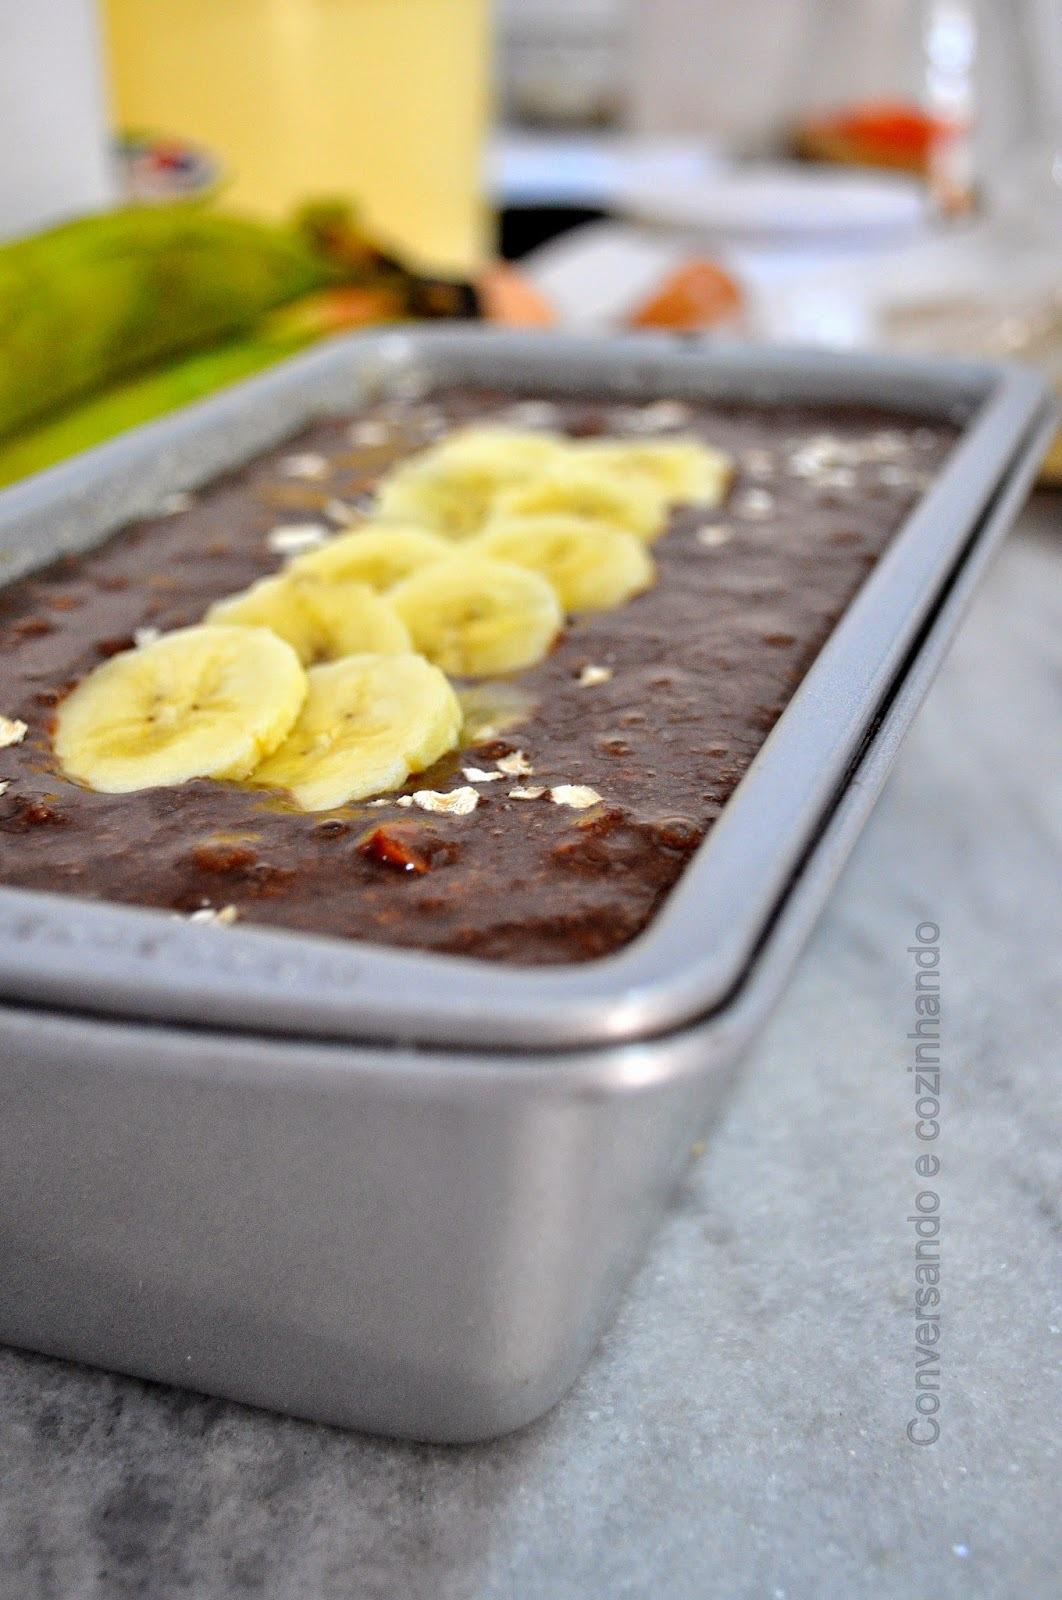 Cake de bananas, aveia e mix de castanhas